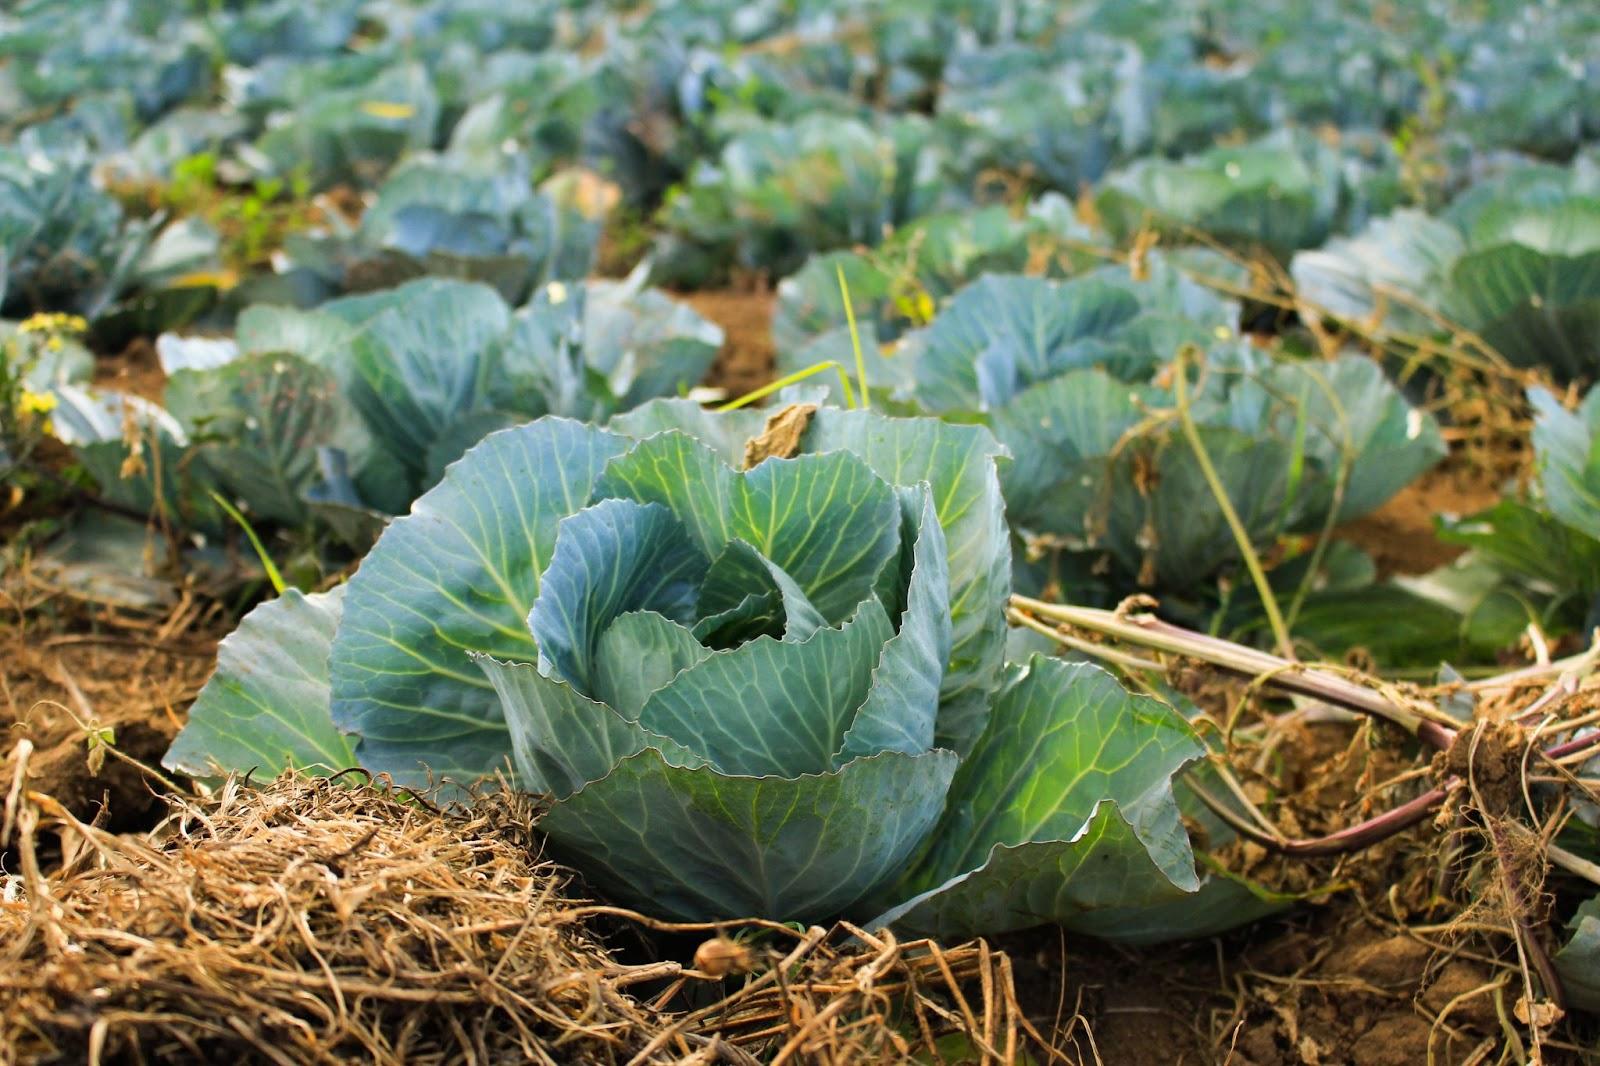 Imagem de um pé de couve para ilustrar discussão sobre comida orgânica